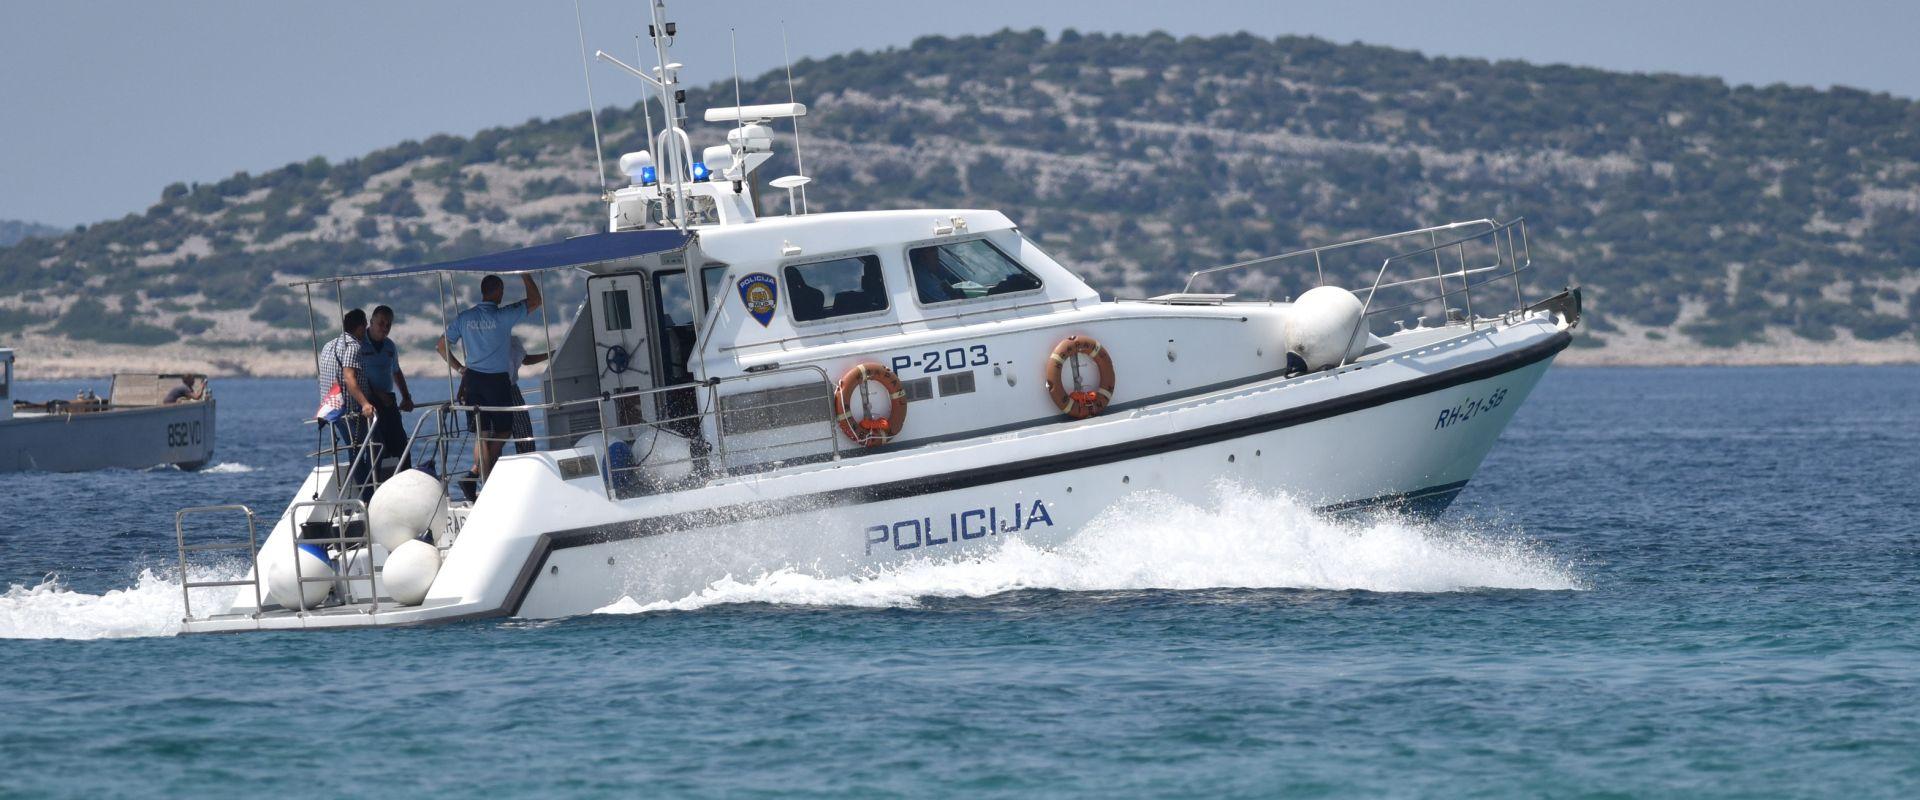 U moru pronađeno 156 kg marihuane